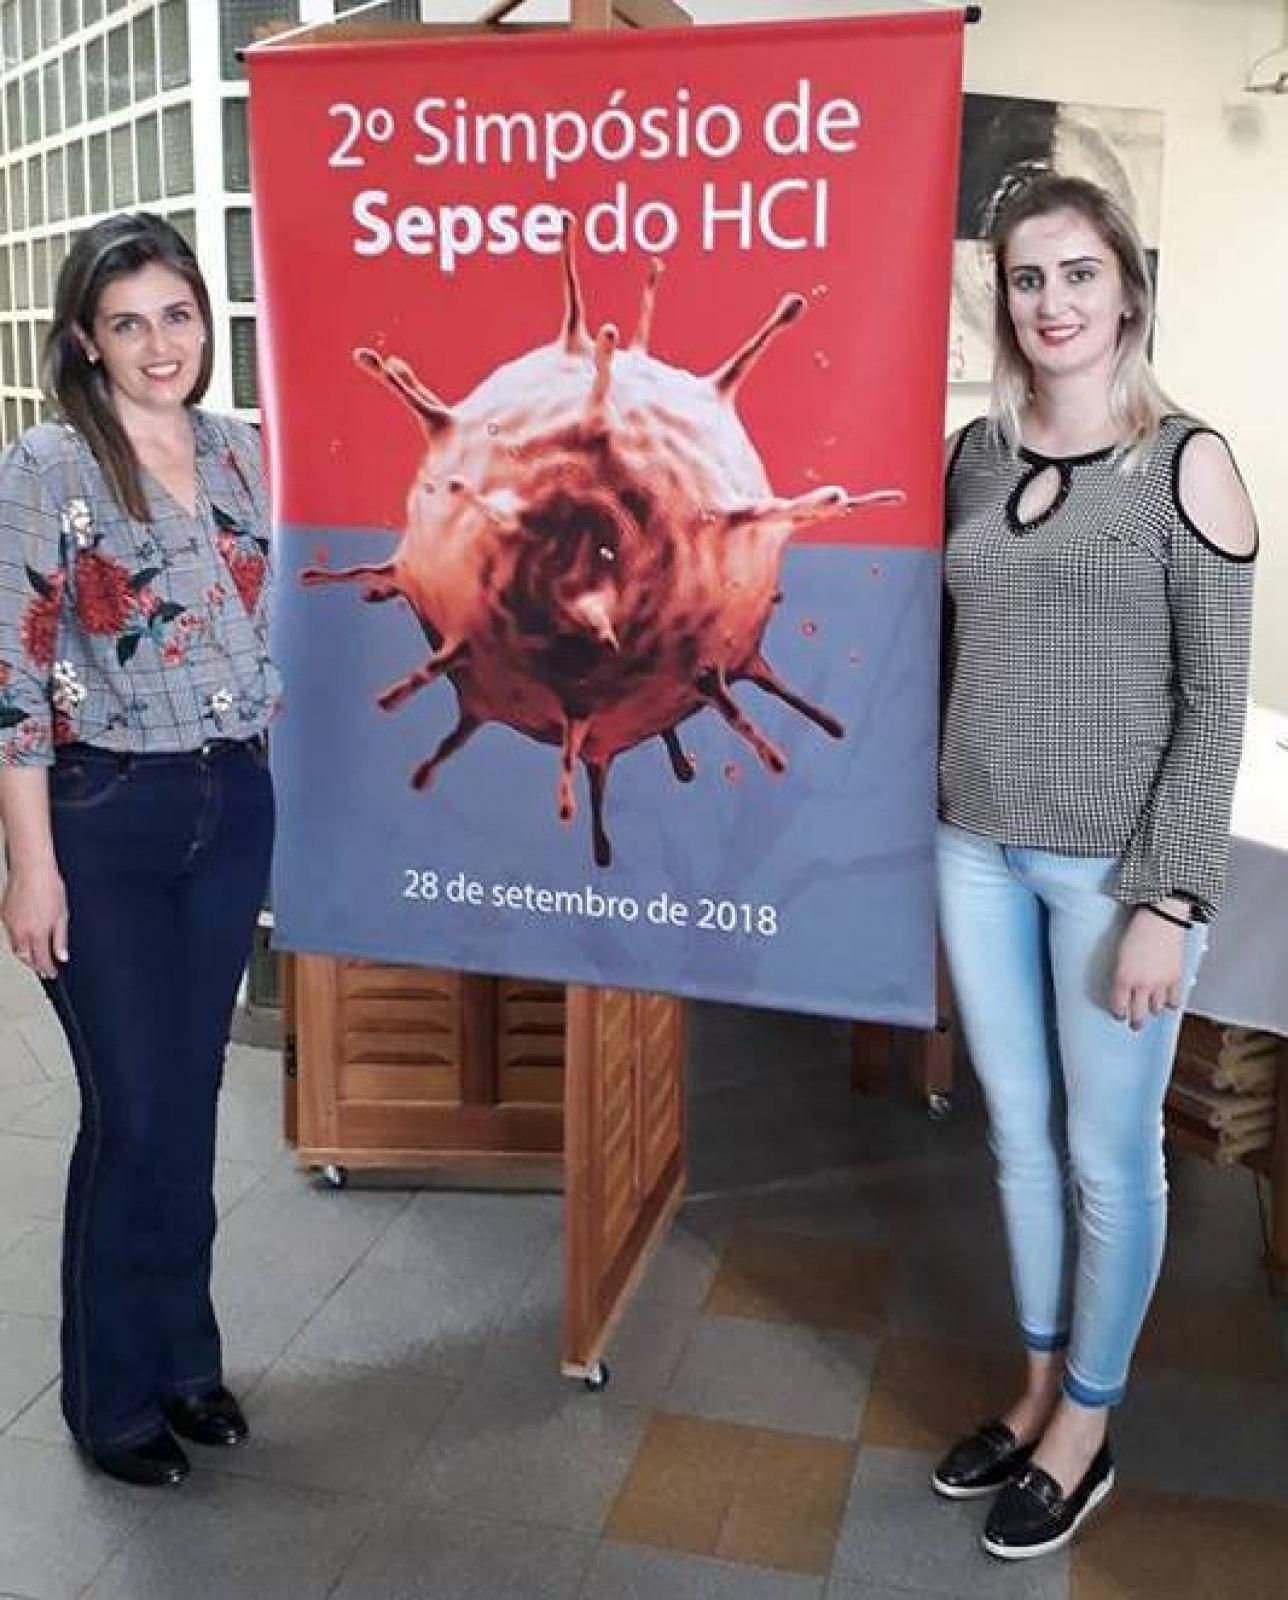 II simpósio de SEPSE  do HCI